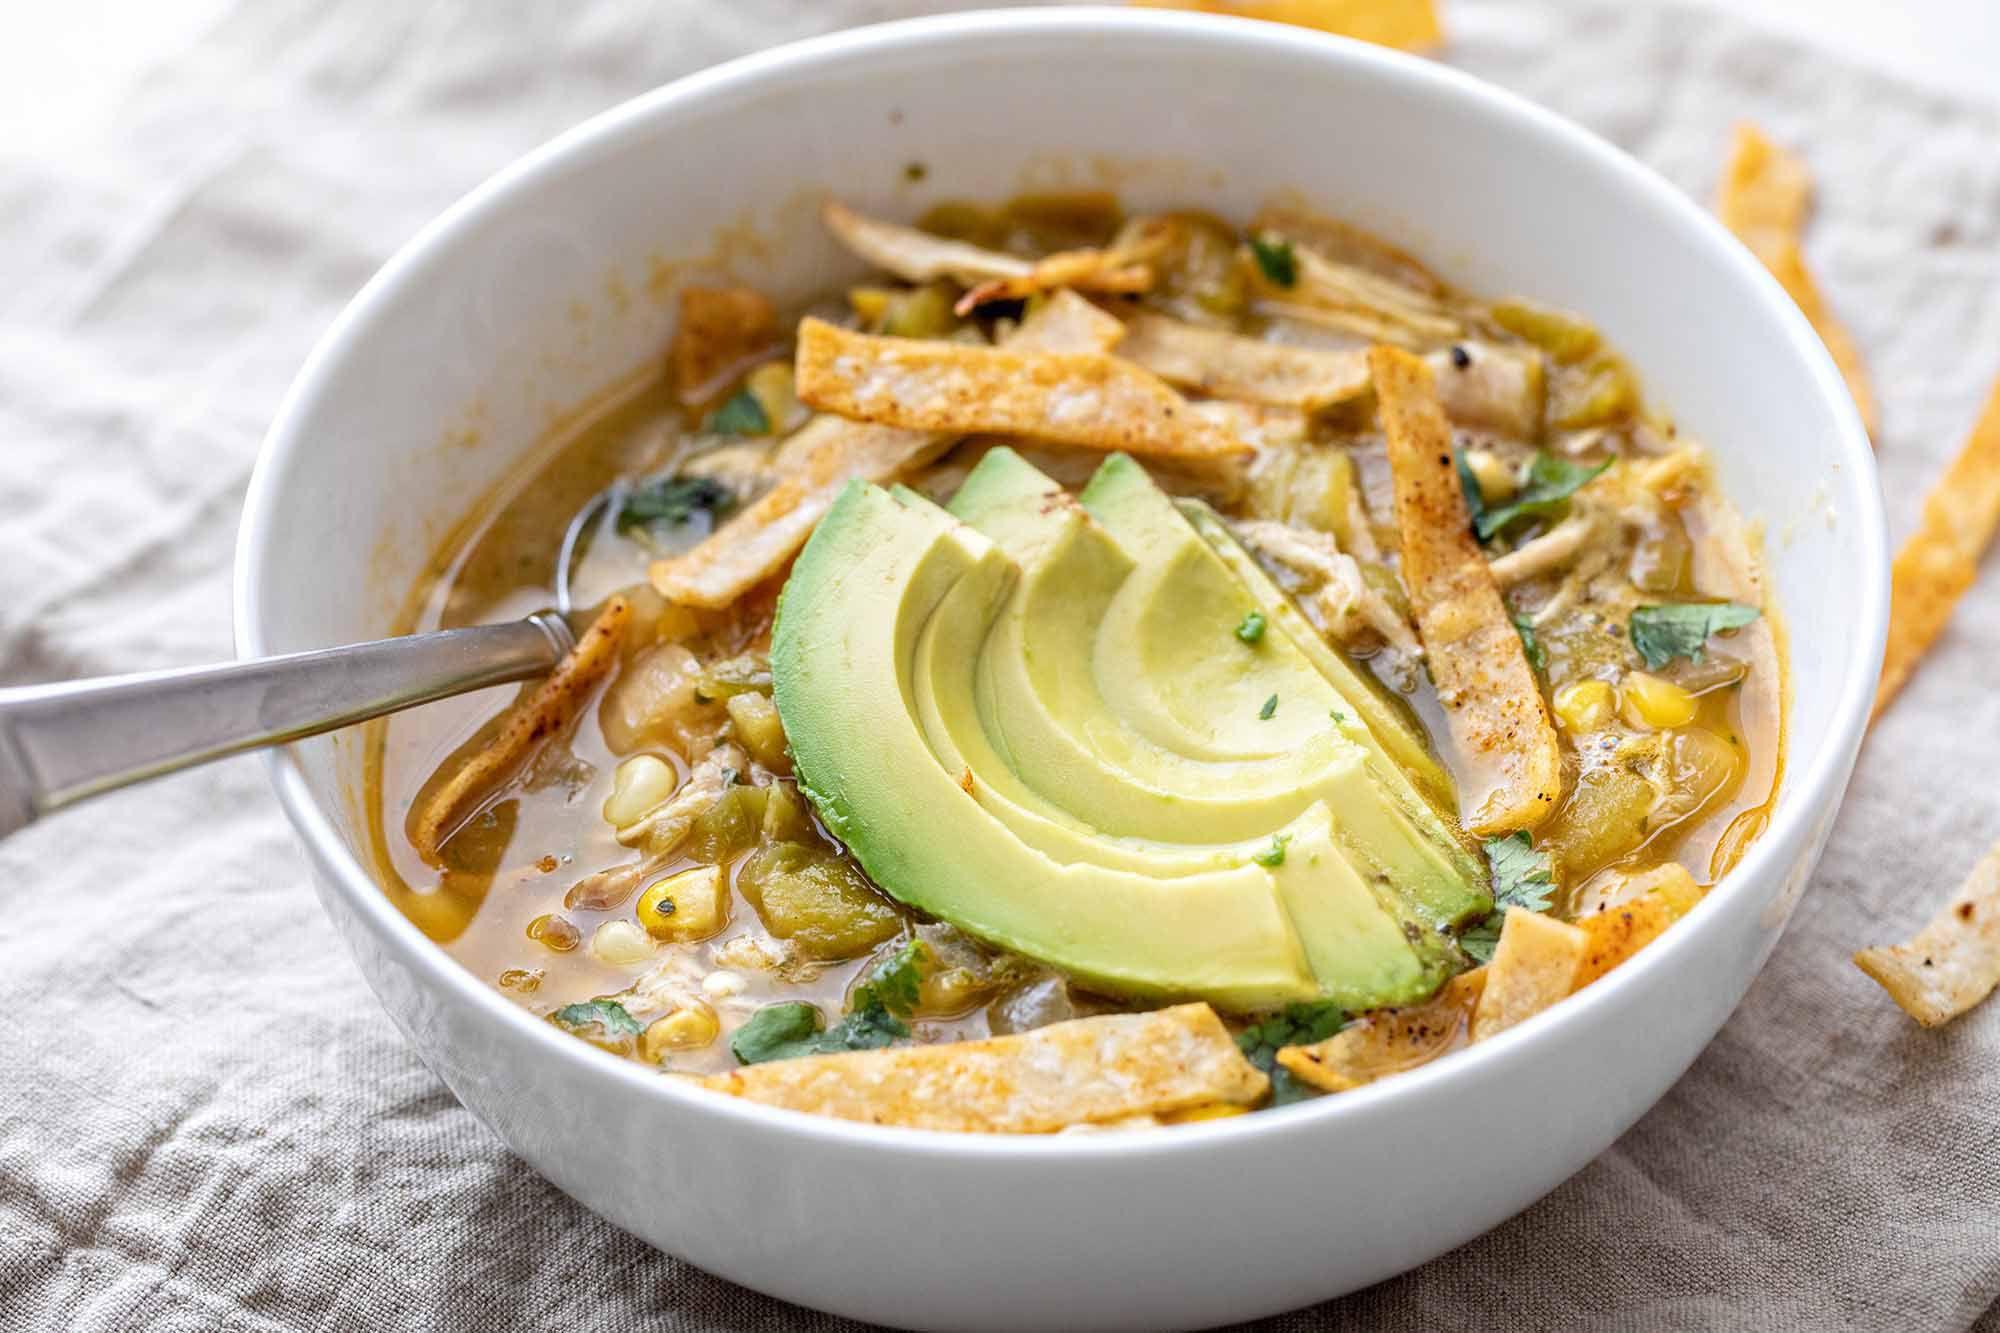 Easy Green Chicken Chili Recipe